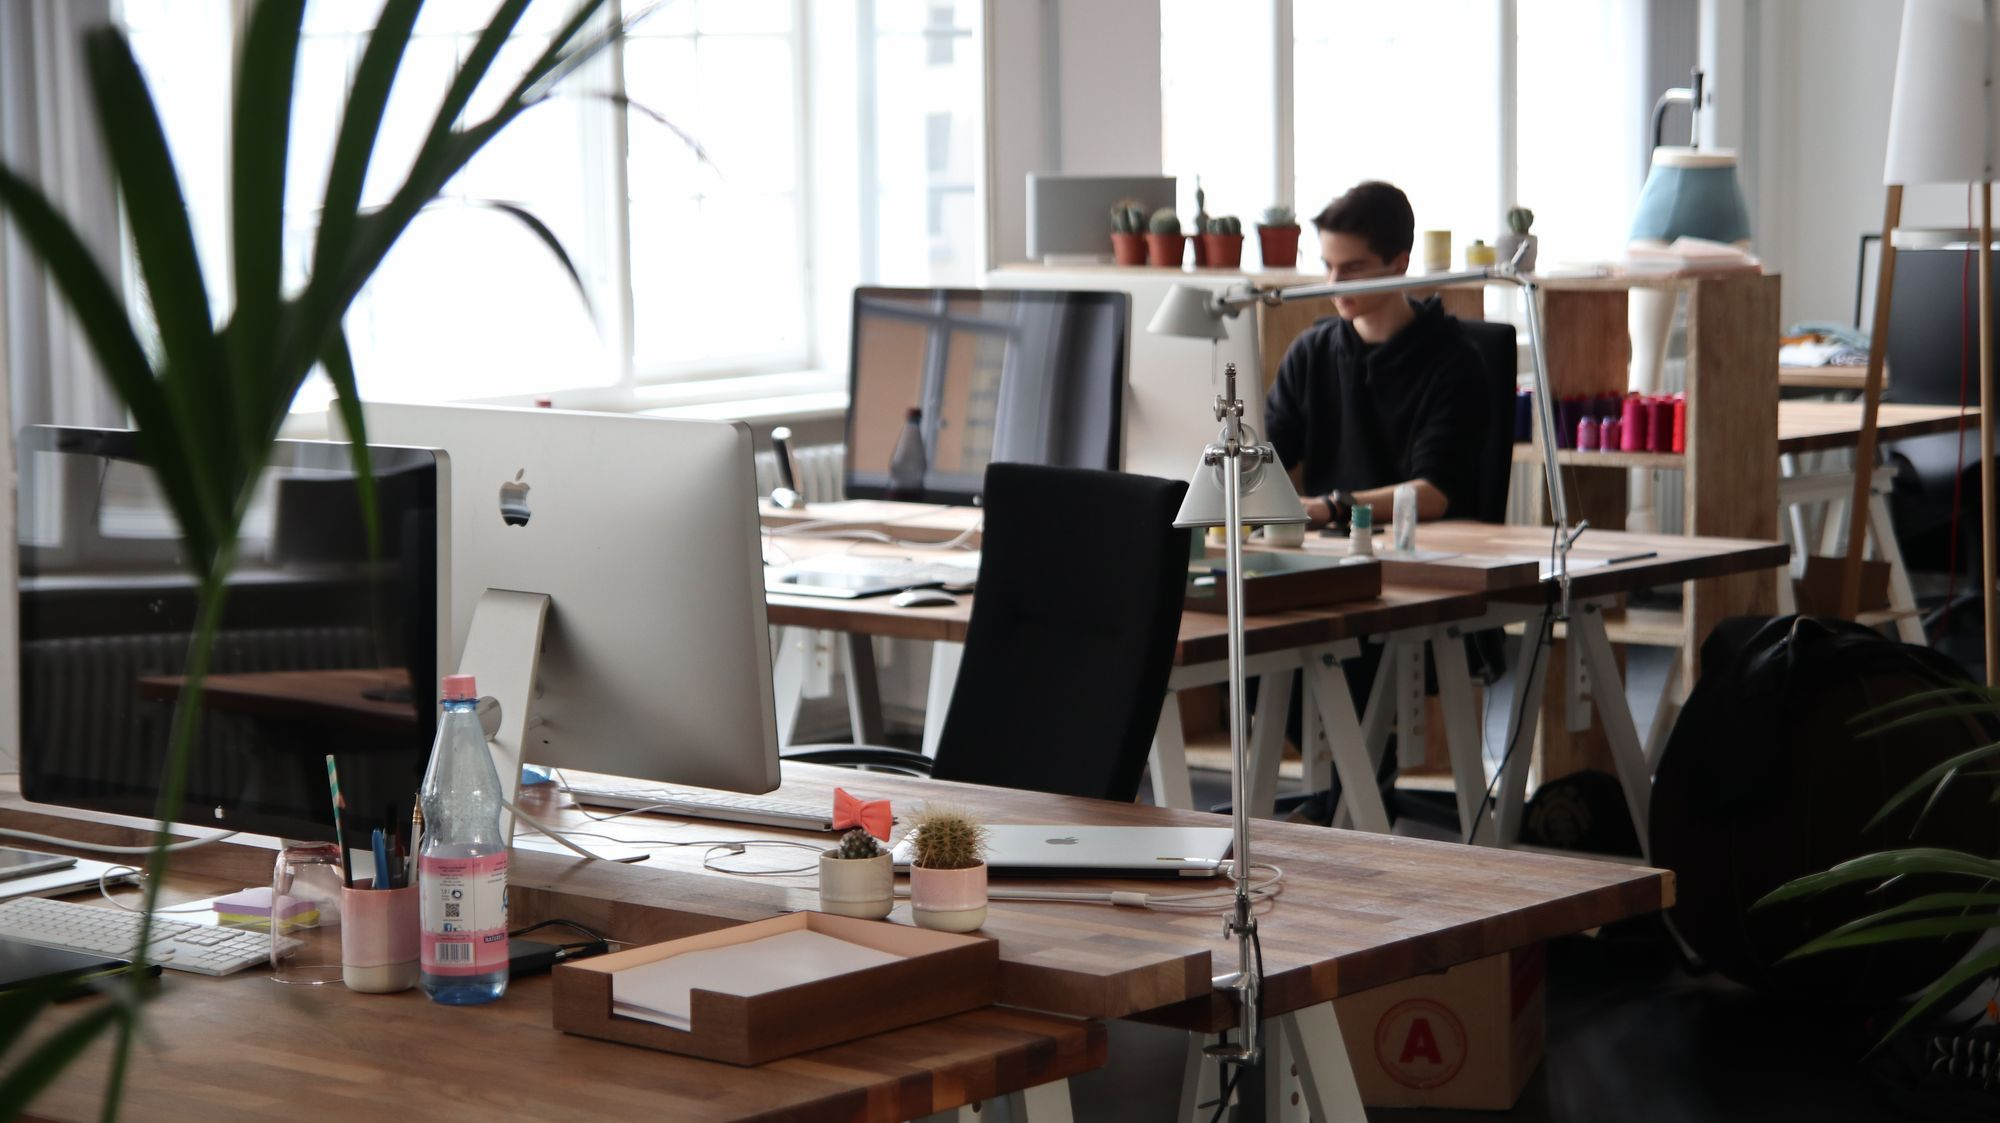 Wyśmienite rozwiązania dla małego przedsiębiorstwa